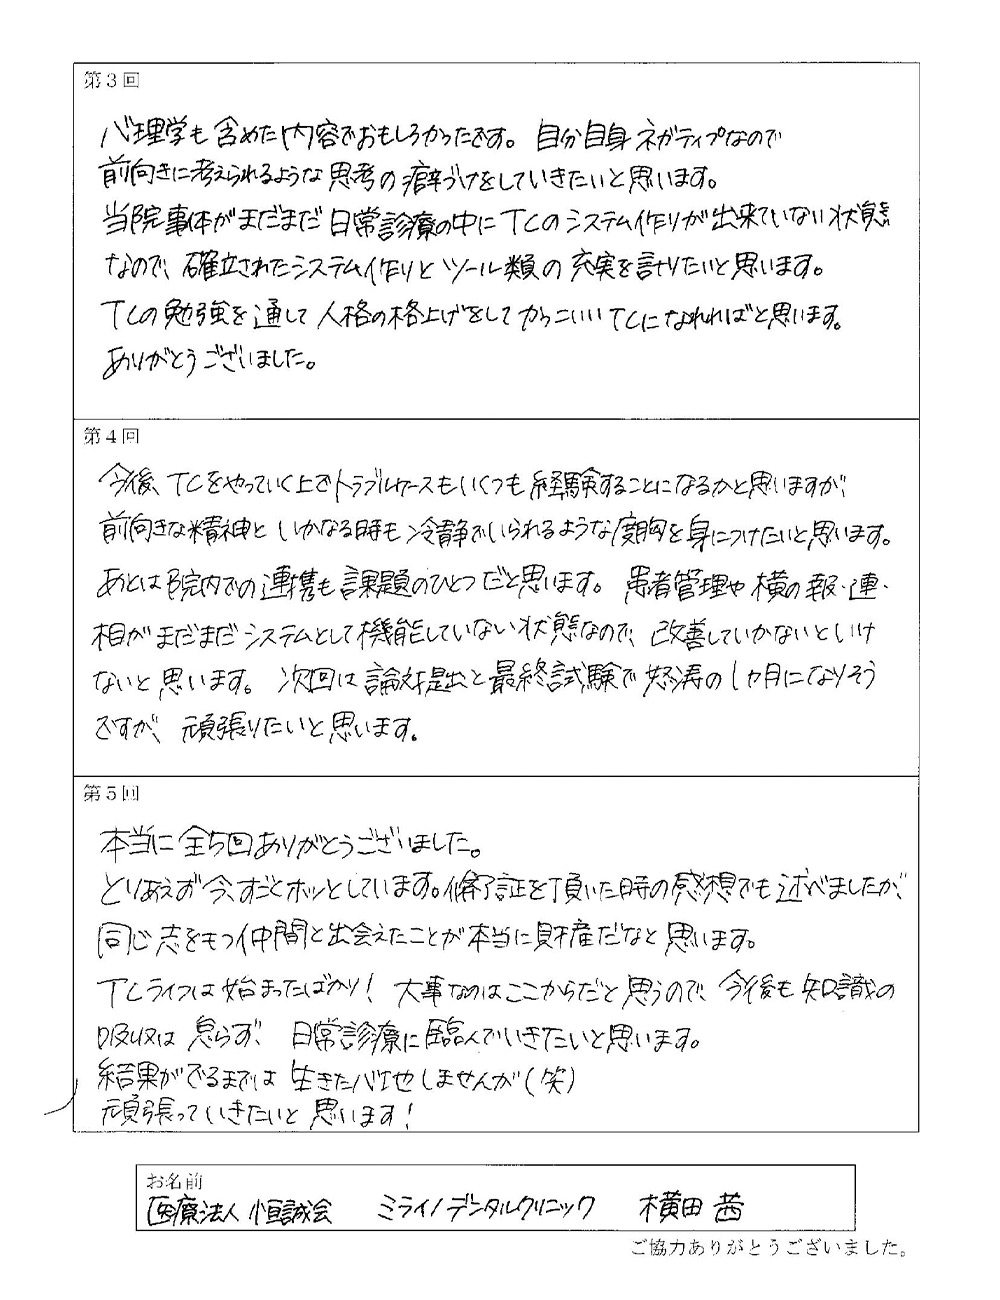 医療法人 恒誠会 ミライノデンタルクリニック 横田 茜 様アンケート